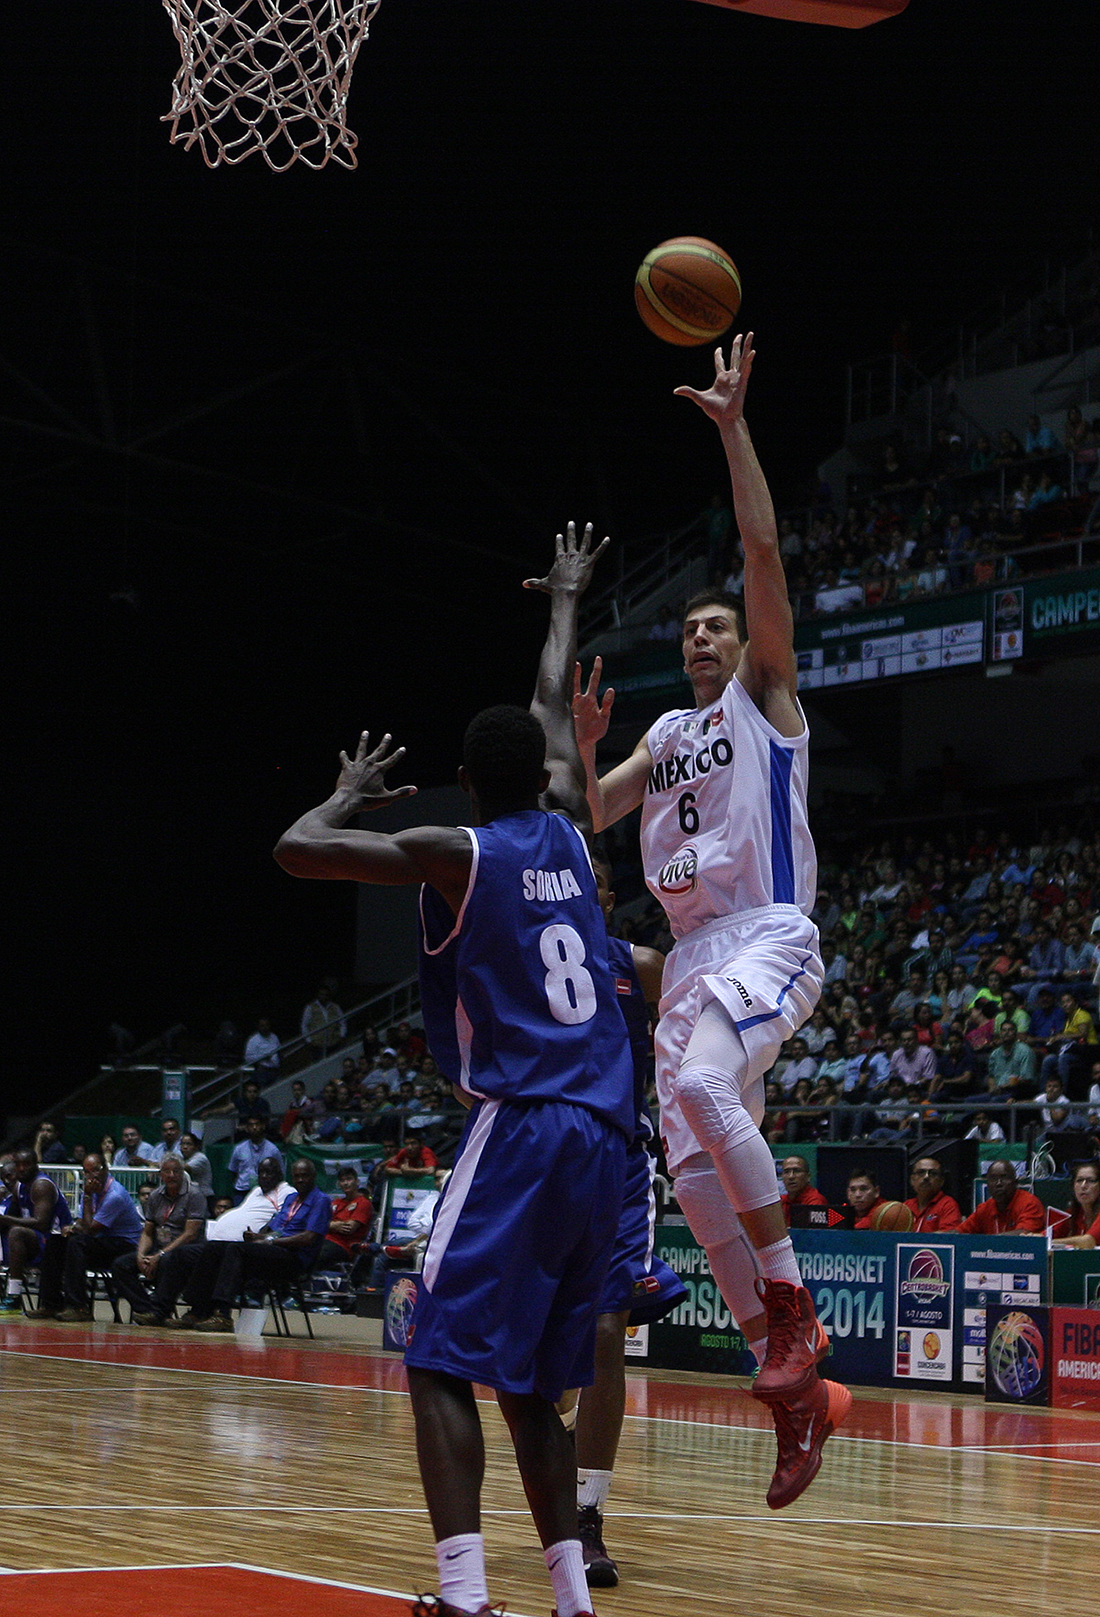 Román Martínez a la ACB en viva basquet